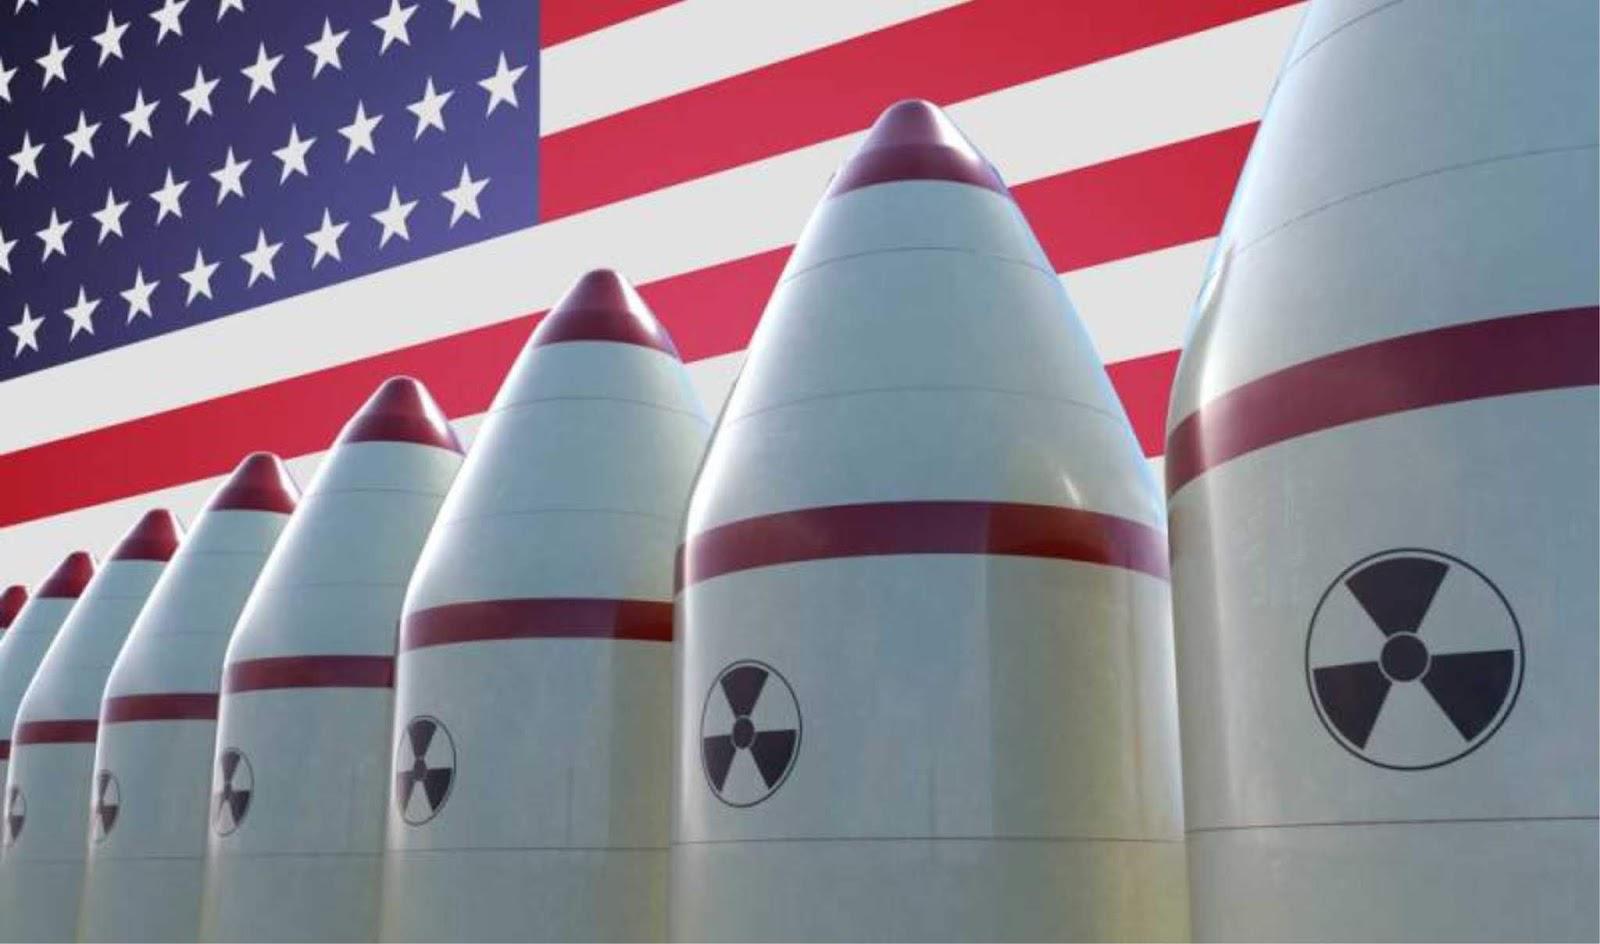 Senjata nuklir tetaplah senjata nuklir tidak ada diet nuklir